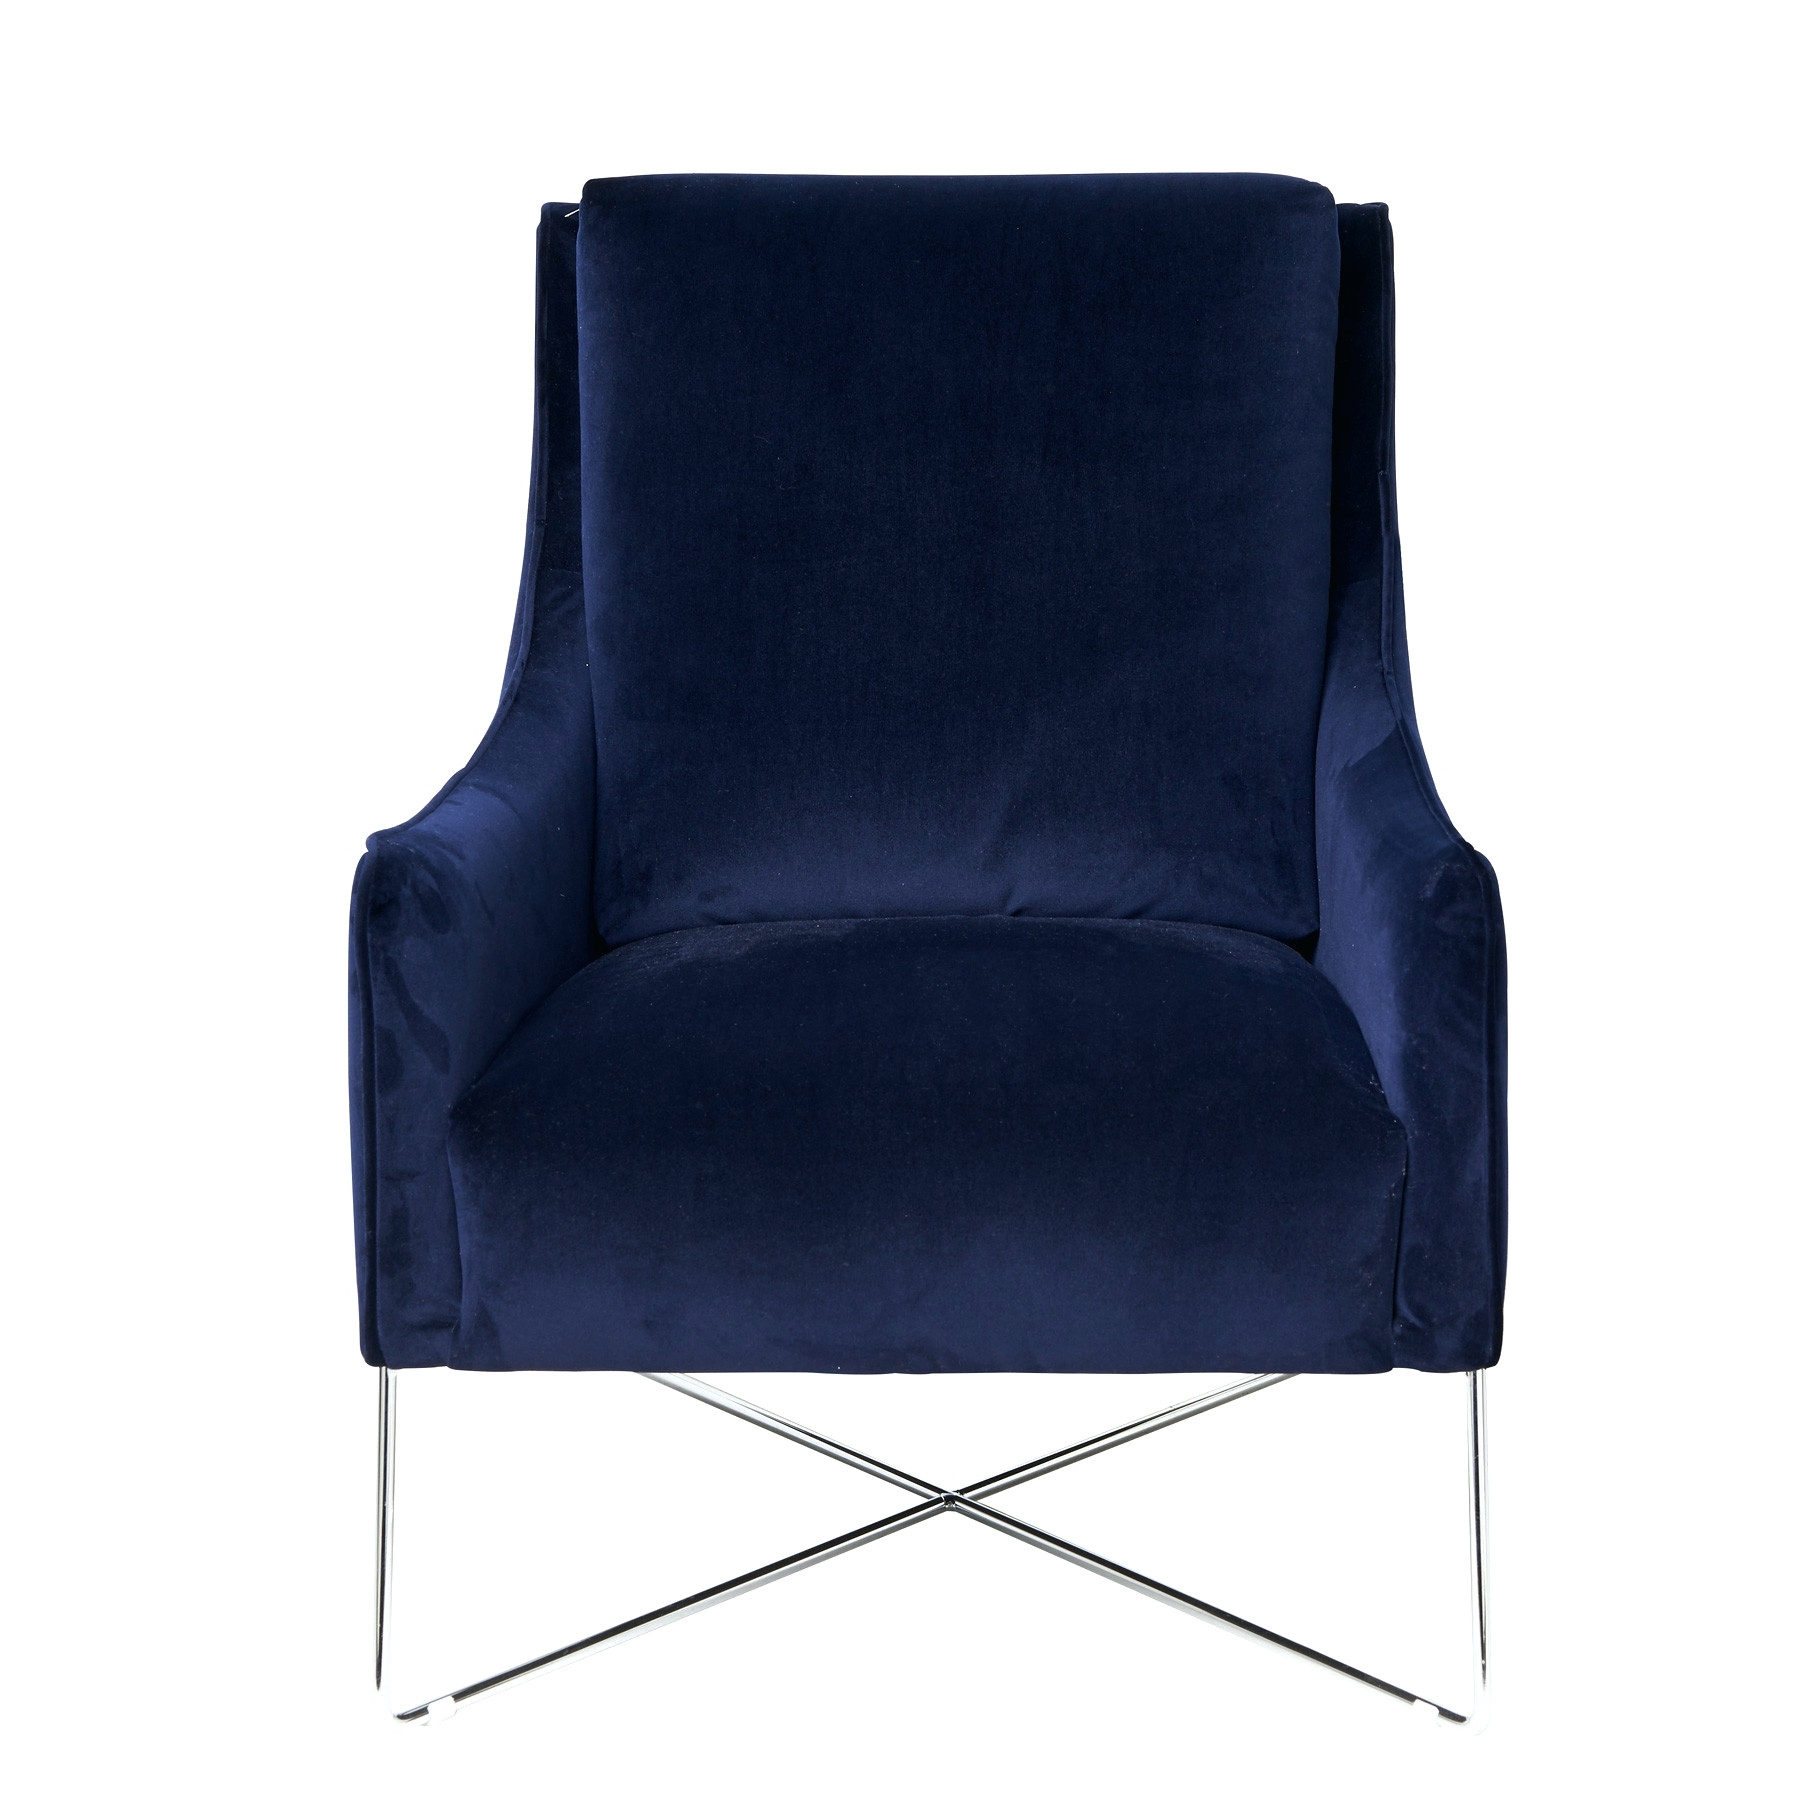 Natuzzi Editions Rodolfo Armchair Natuzzi Zeta Chaise Lounge In Fashionable Natuzzi Zeta Chaise Lounge Chairs (View 12 of 15)